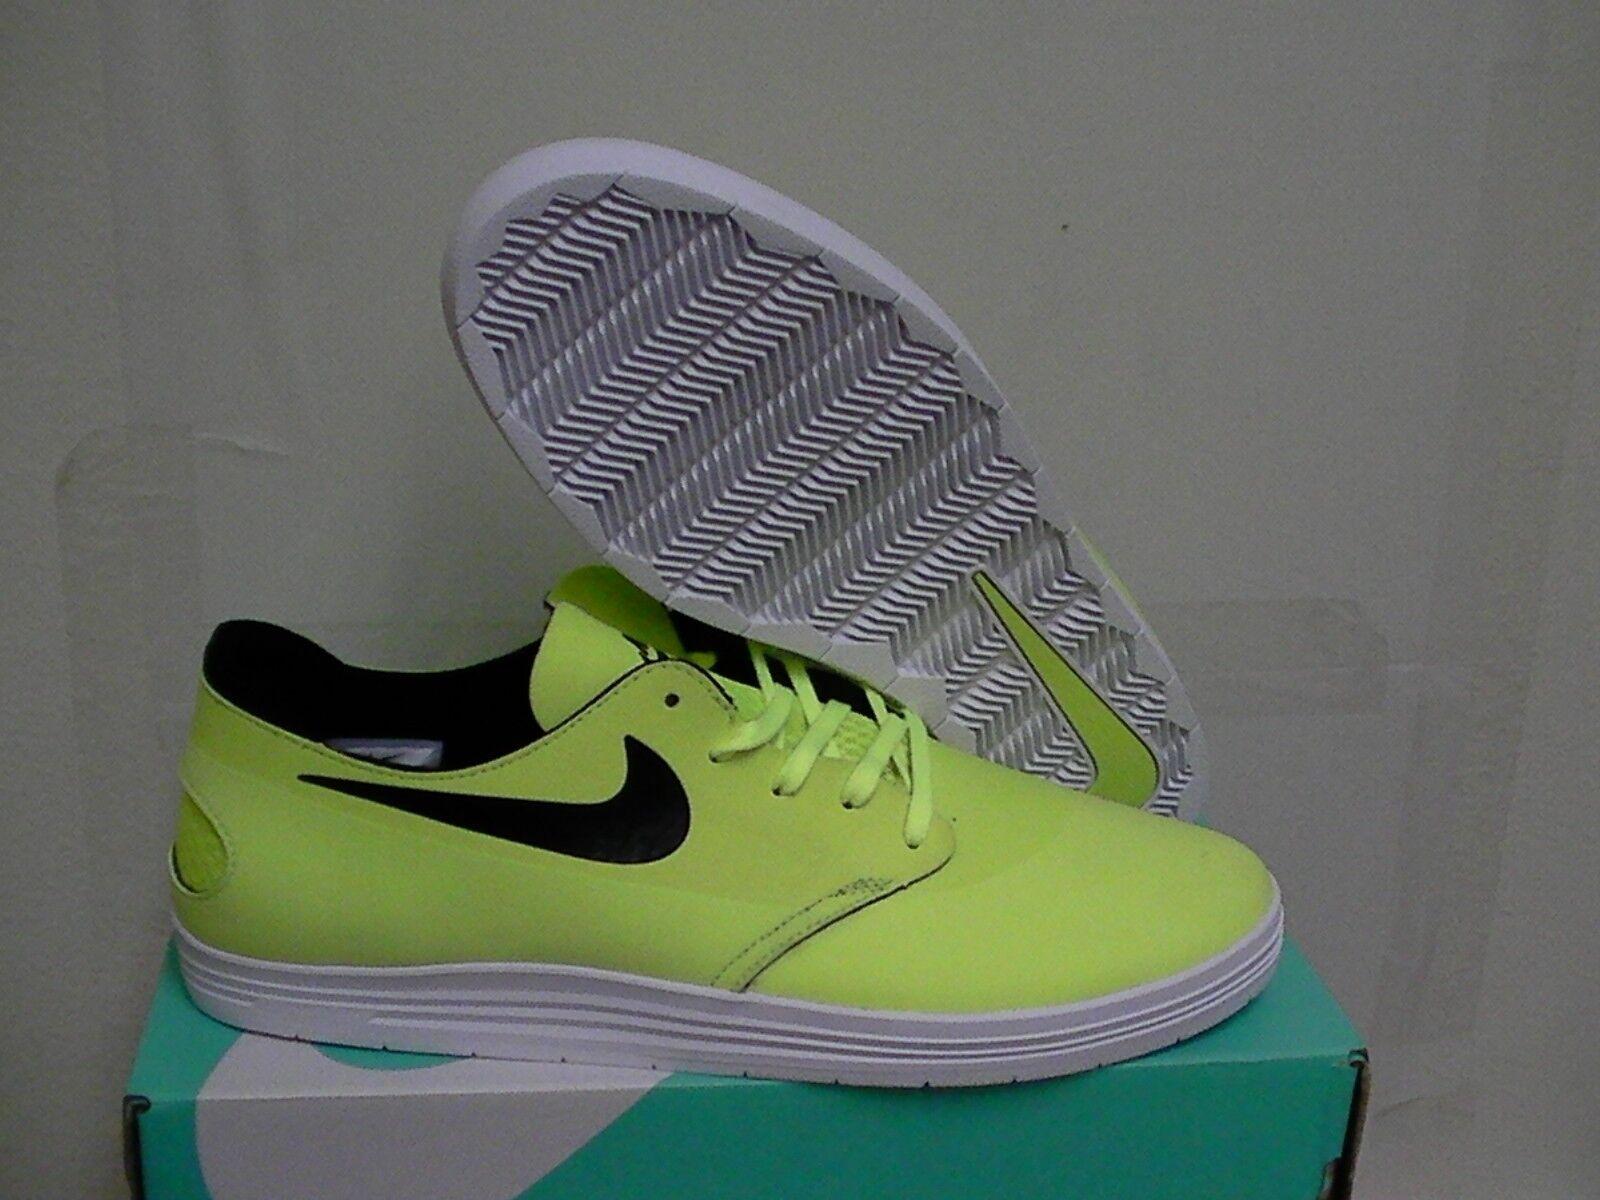 Hommes Nike Lunaire Sb Oneshot Oneshot Oneshot Taille 13 Ans Us Neuf avec Boîte 8966e9